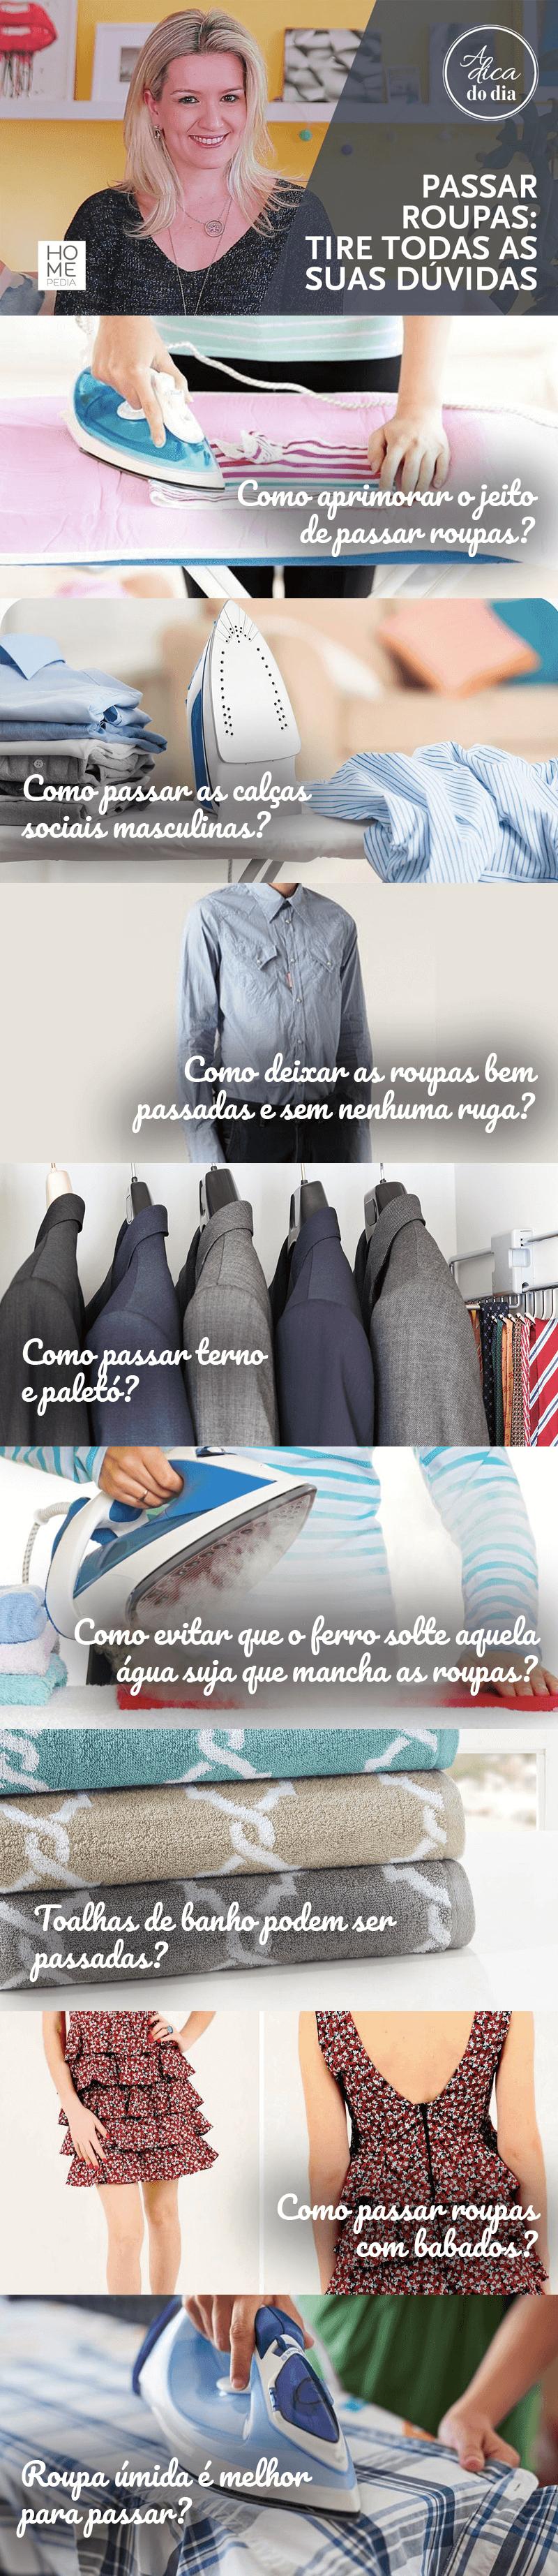 Dicas para passar roupas Flávia Ferrari